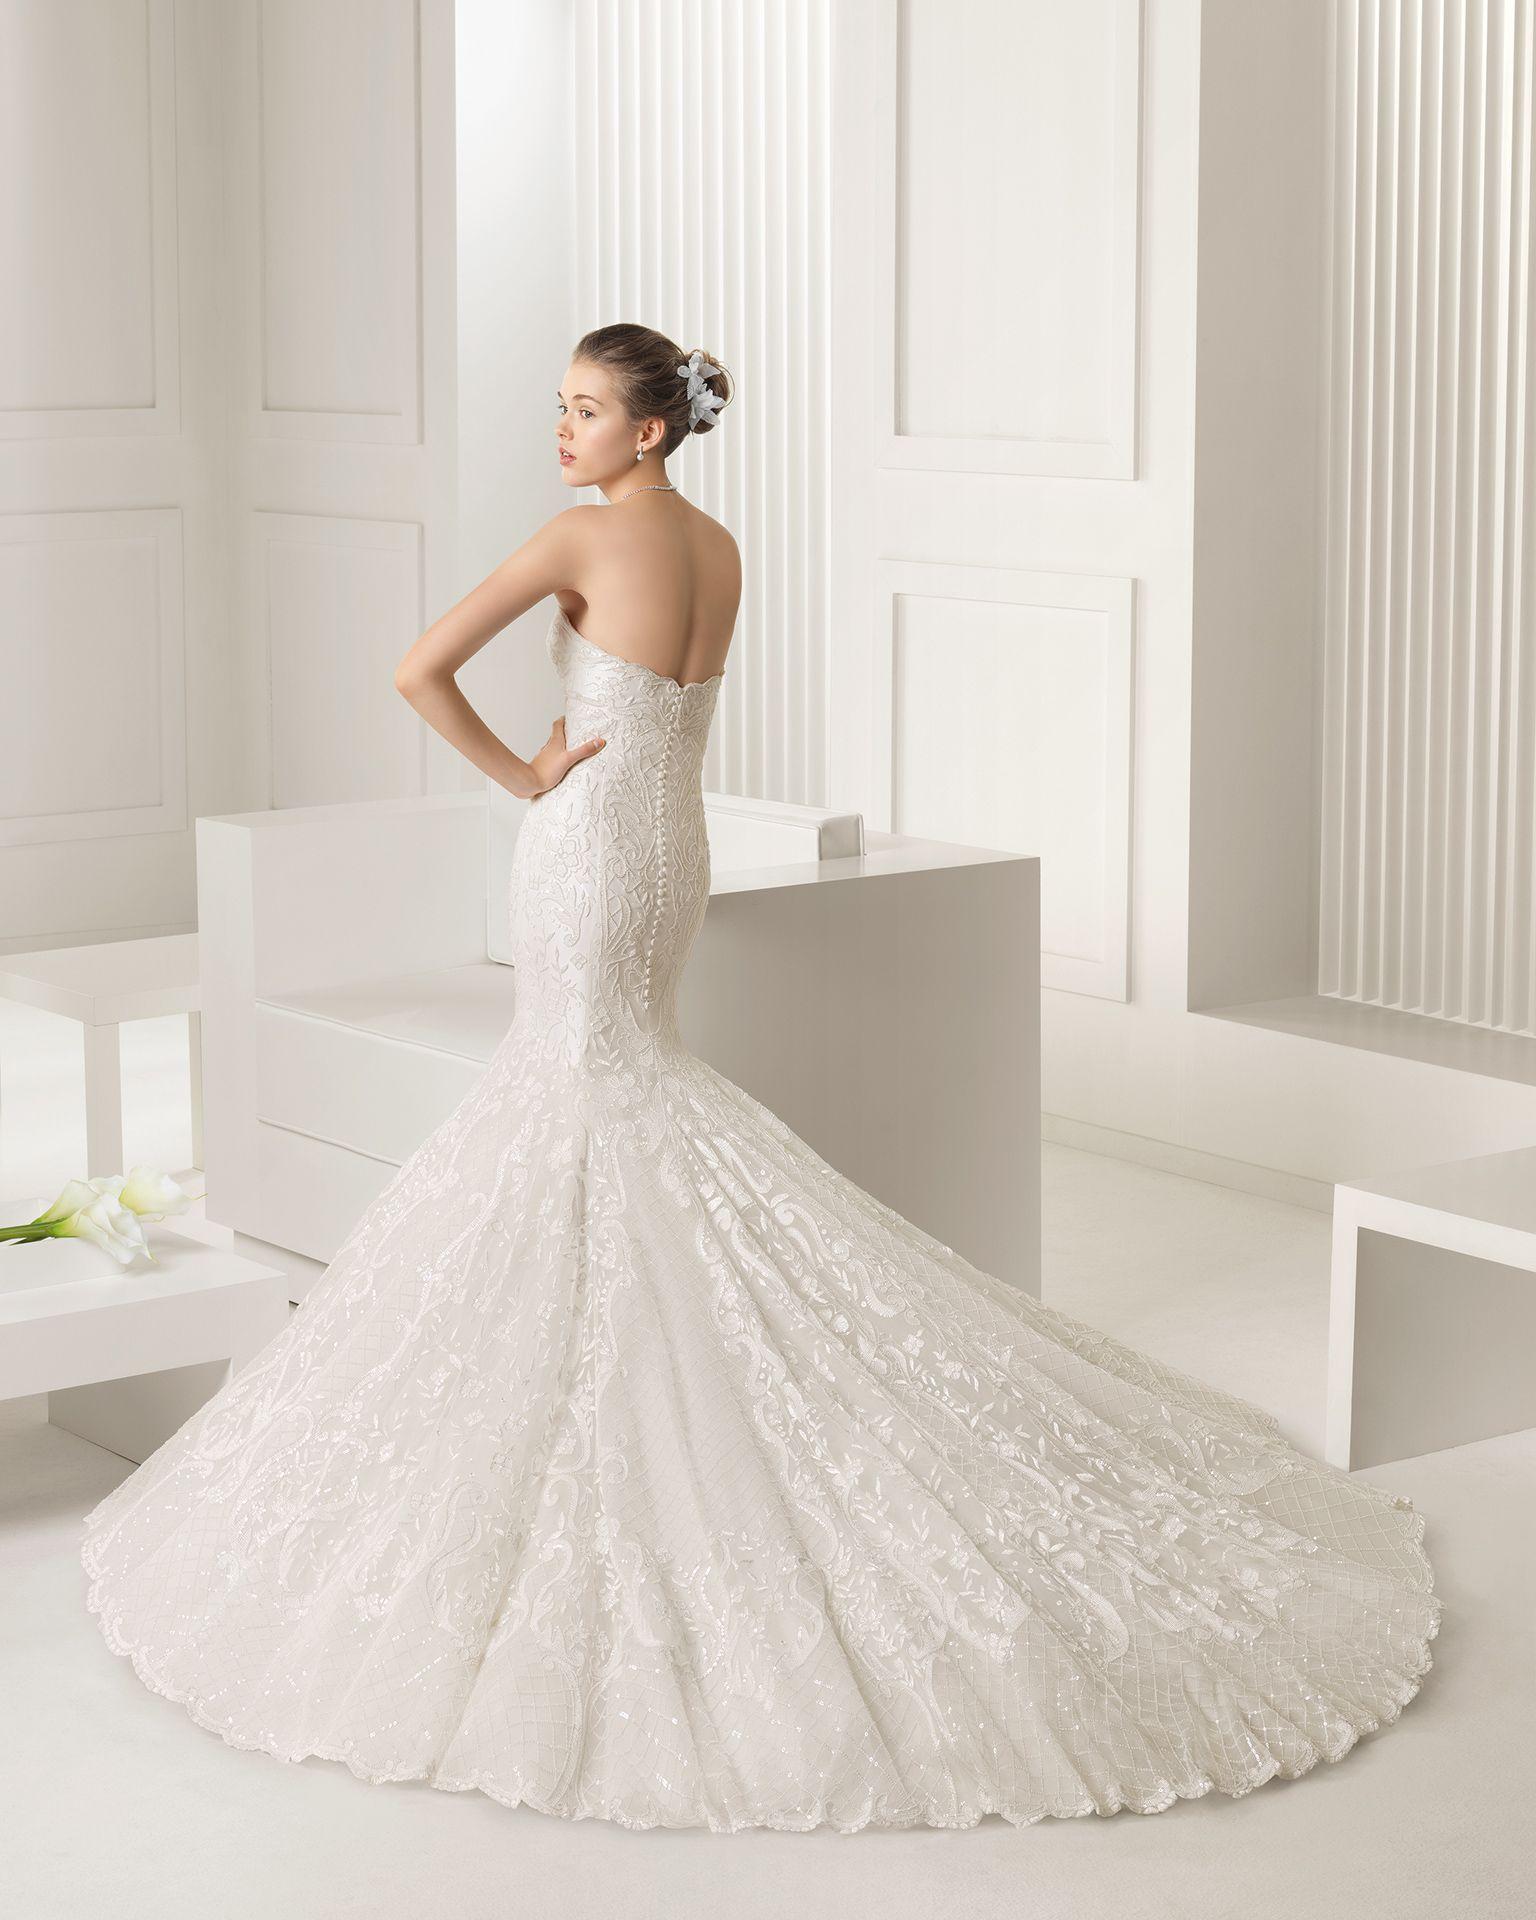 Vestidos de novia y vestidos de fiesta   Rosa clará, Sirenitas y Novios